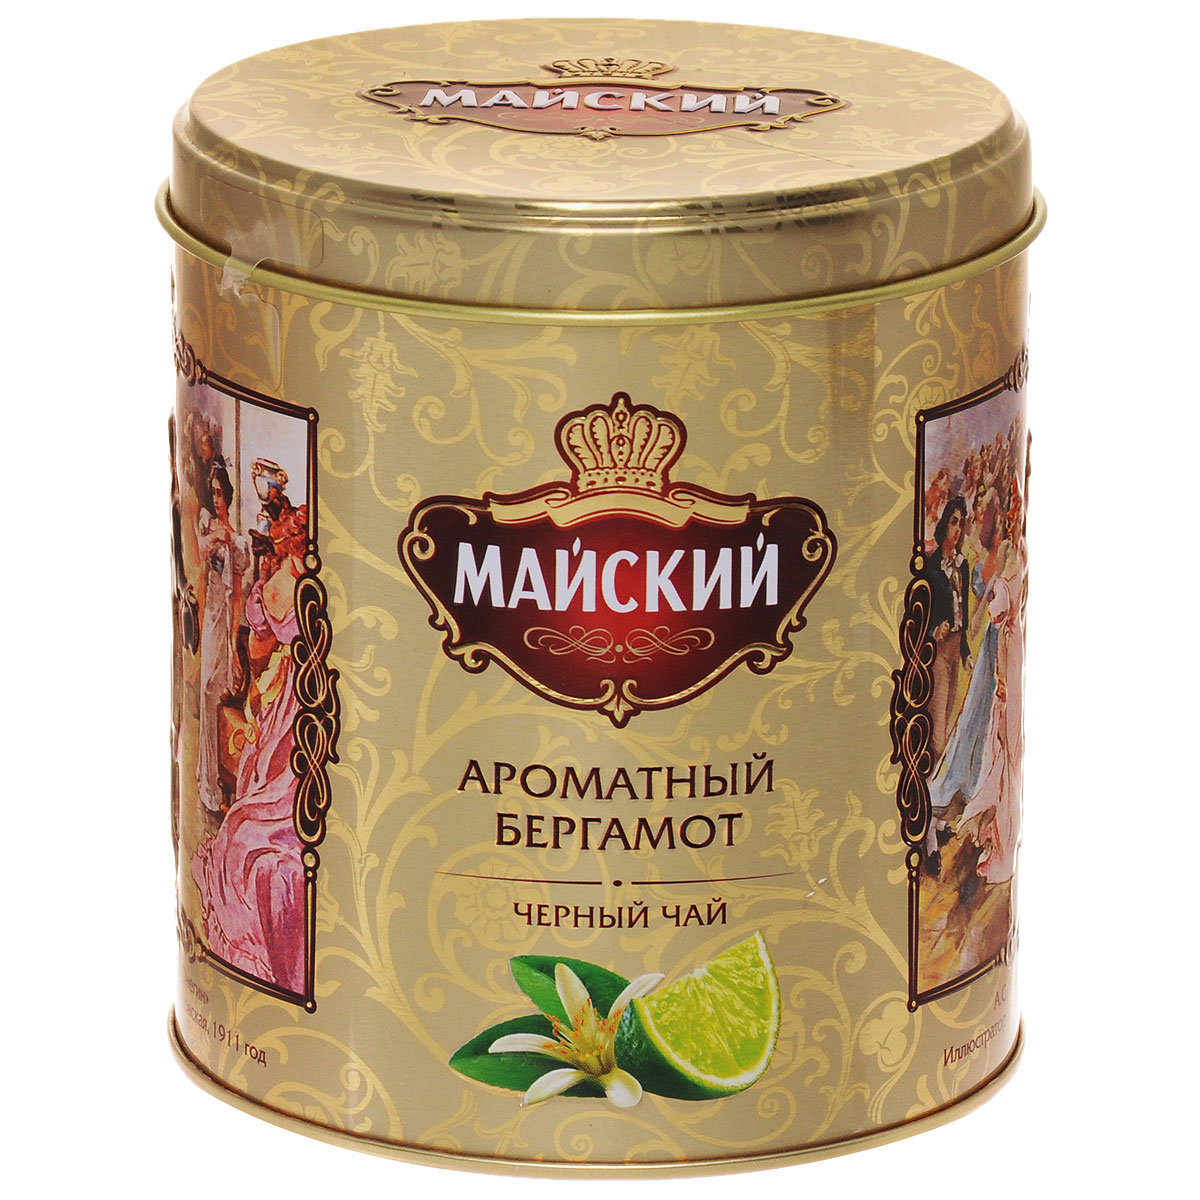 Майский Ароматный Бергамот черный ароматизированный листовой чай, 90 г майский чайная матрешка синяя черный листовой чай 30 г